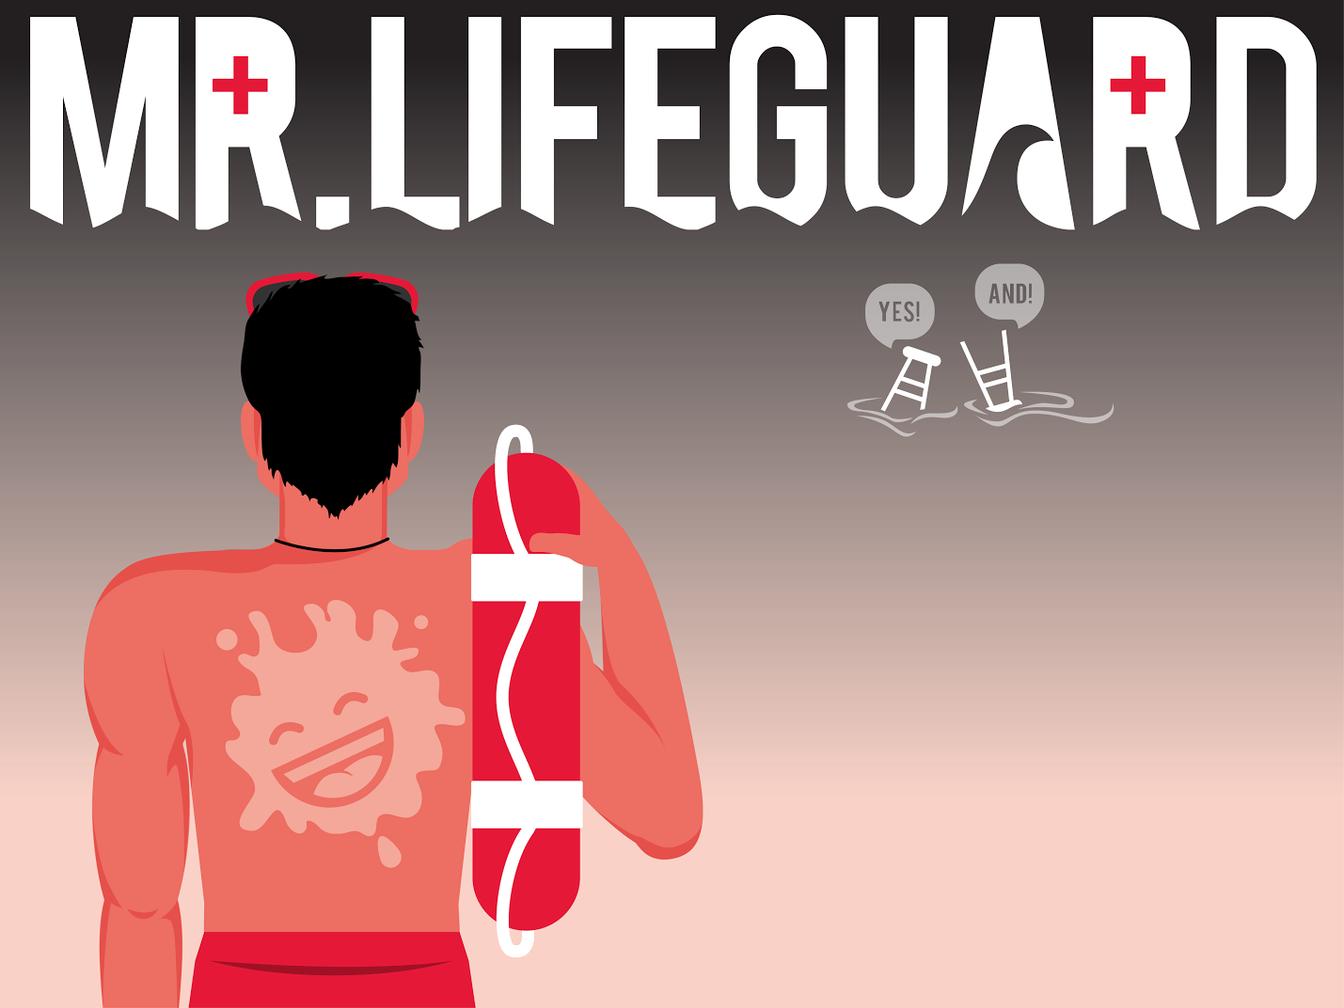 Show #10 : Mr. Lifeguard